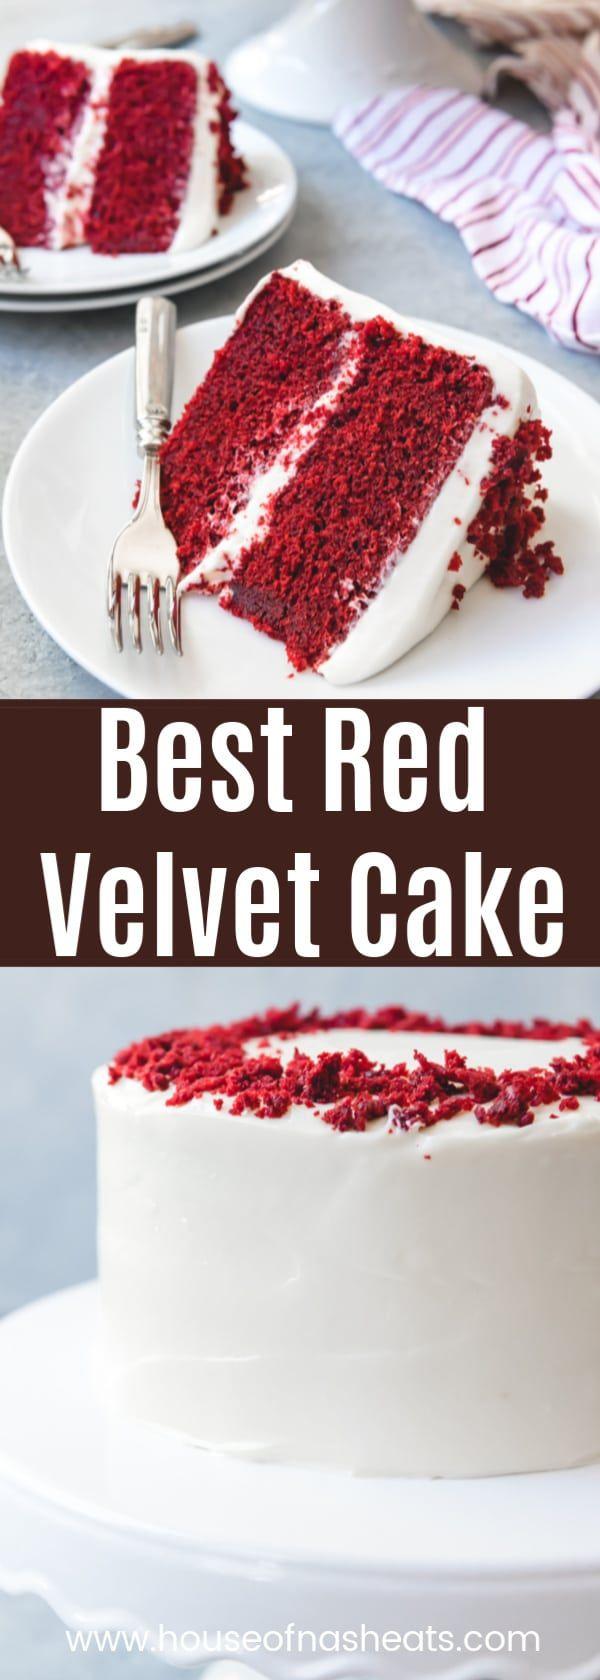 Der beste Red Velvet Cake hat einen einzigartigen Geschmack und zarte, feuchte Krümel, die …   – House of Nash Eats Recipes